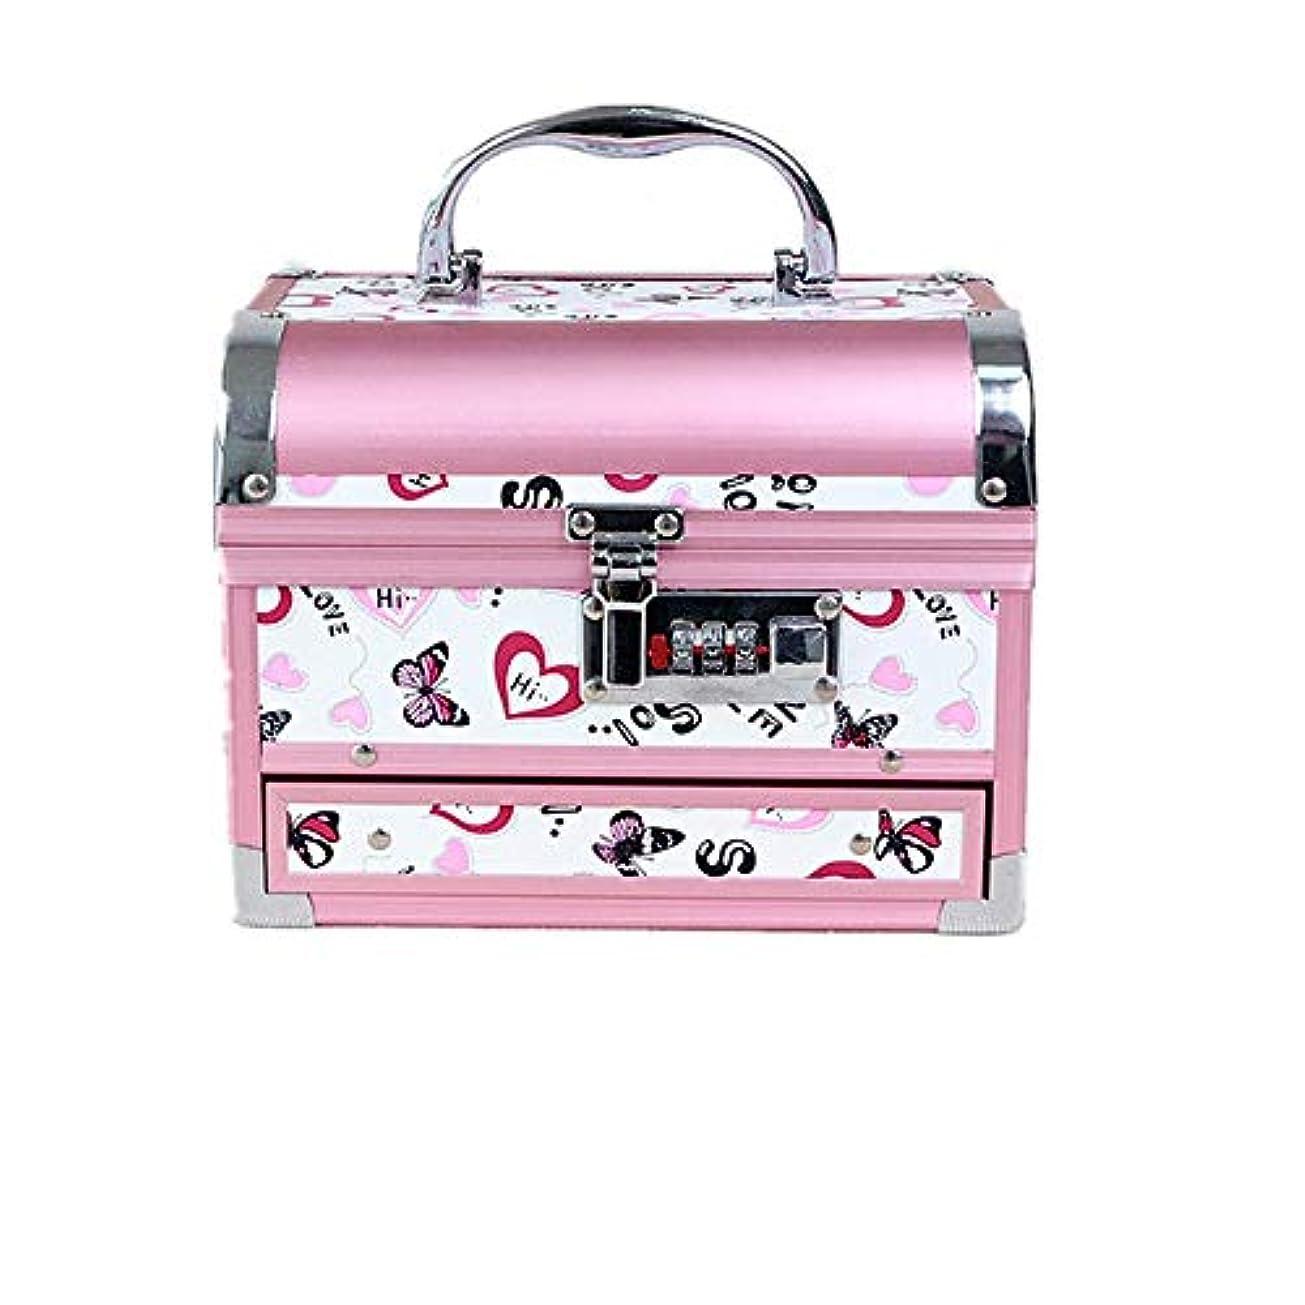 優しさ小麦粉ピアニスト化粧オーガナイザーバッグ かわいいパターンポータブル化粧品ケーストラベルアクセサリーシャンプーボディウォッシュパーソナルアイテムストレージロックと拡張トレイ 化粧品ケース